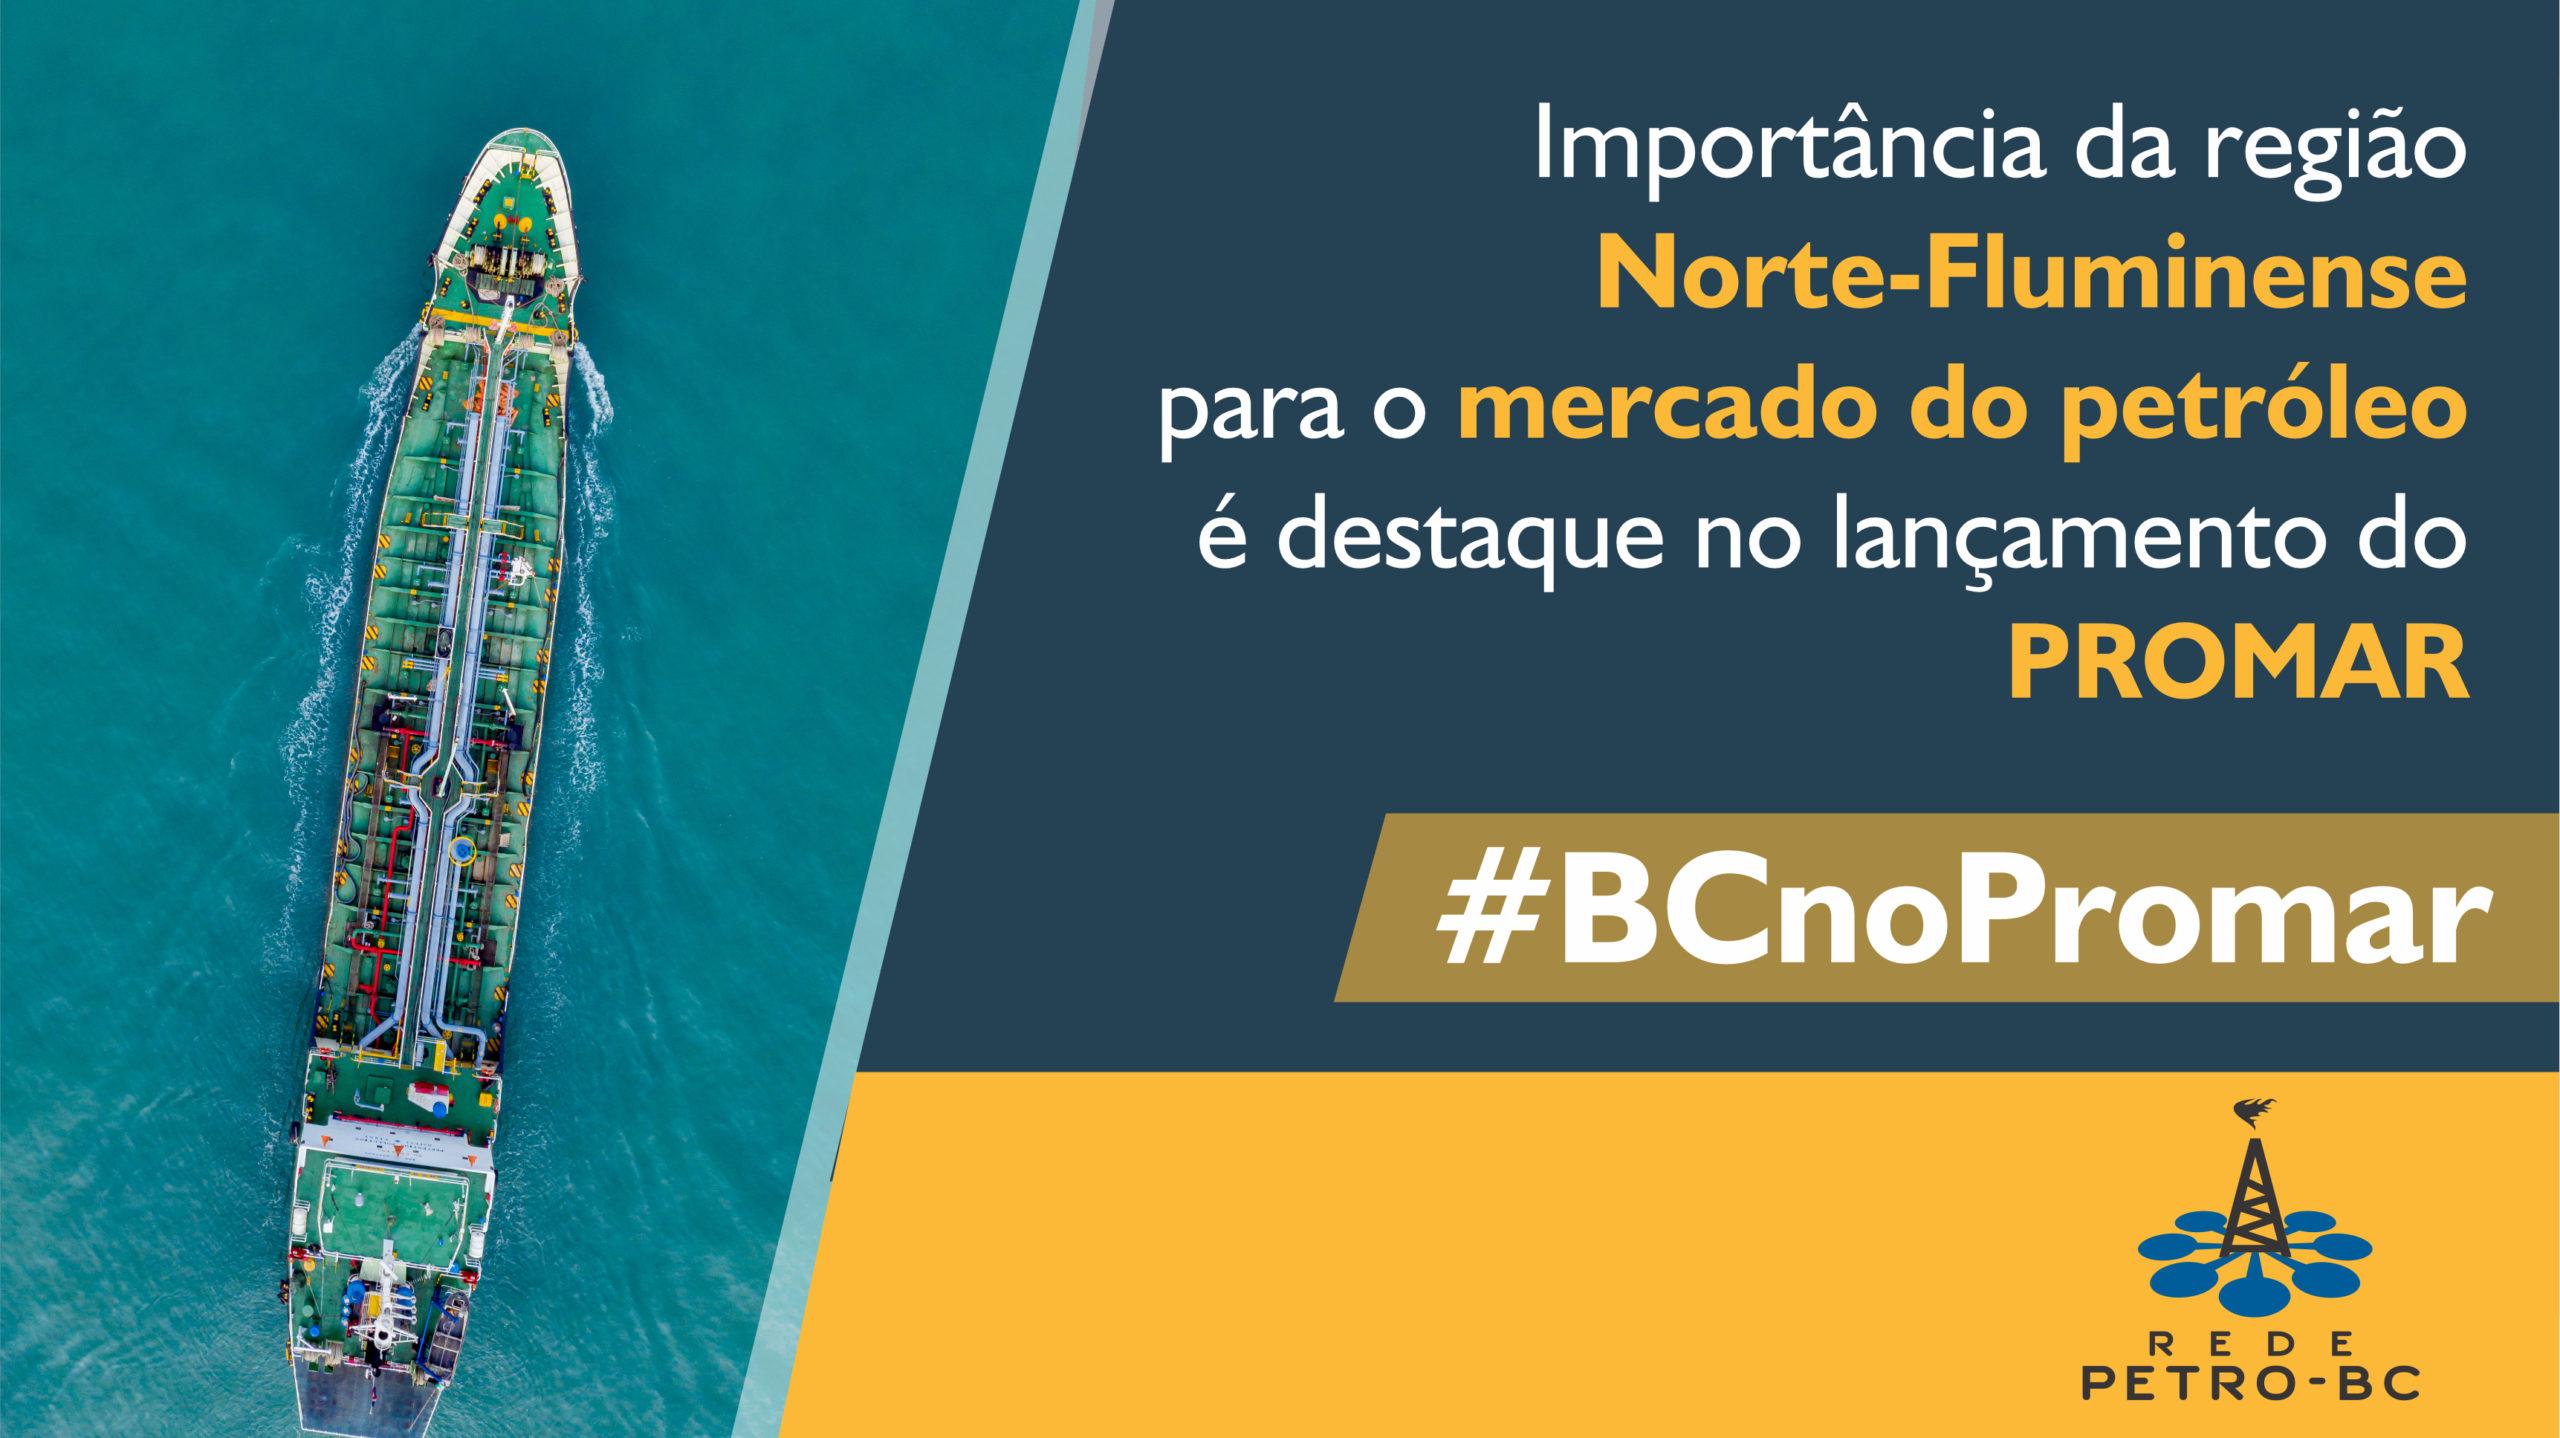 Rede Petro-BC reforça a importância de Macaé e região Norte-Fluminense para a indústria de óleo e gás no lançamento do Promar